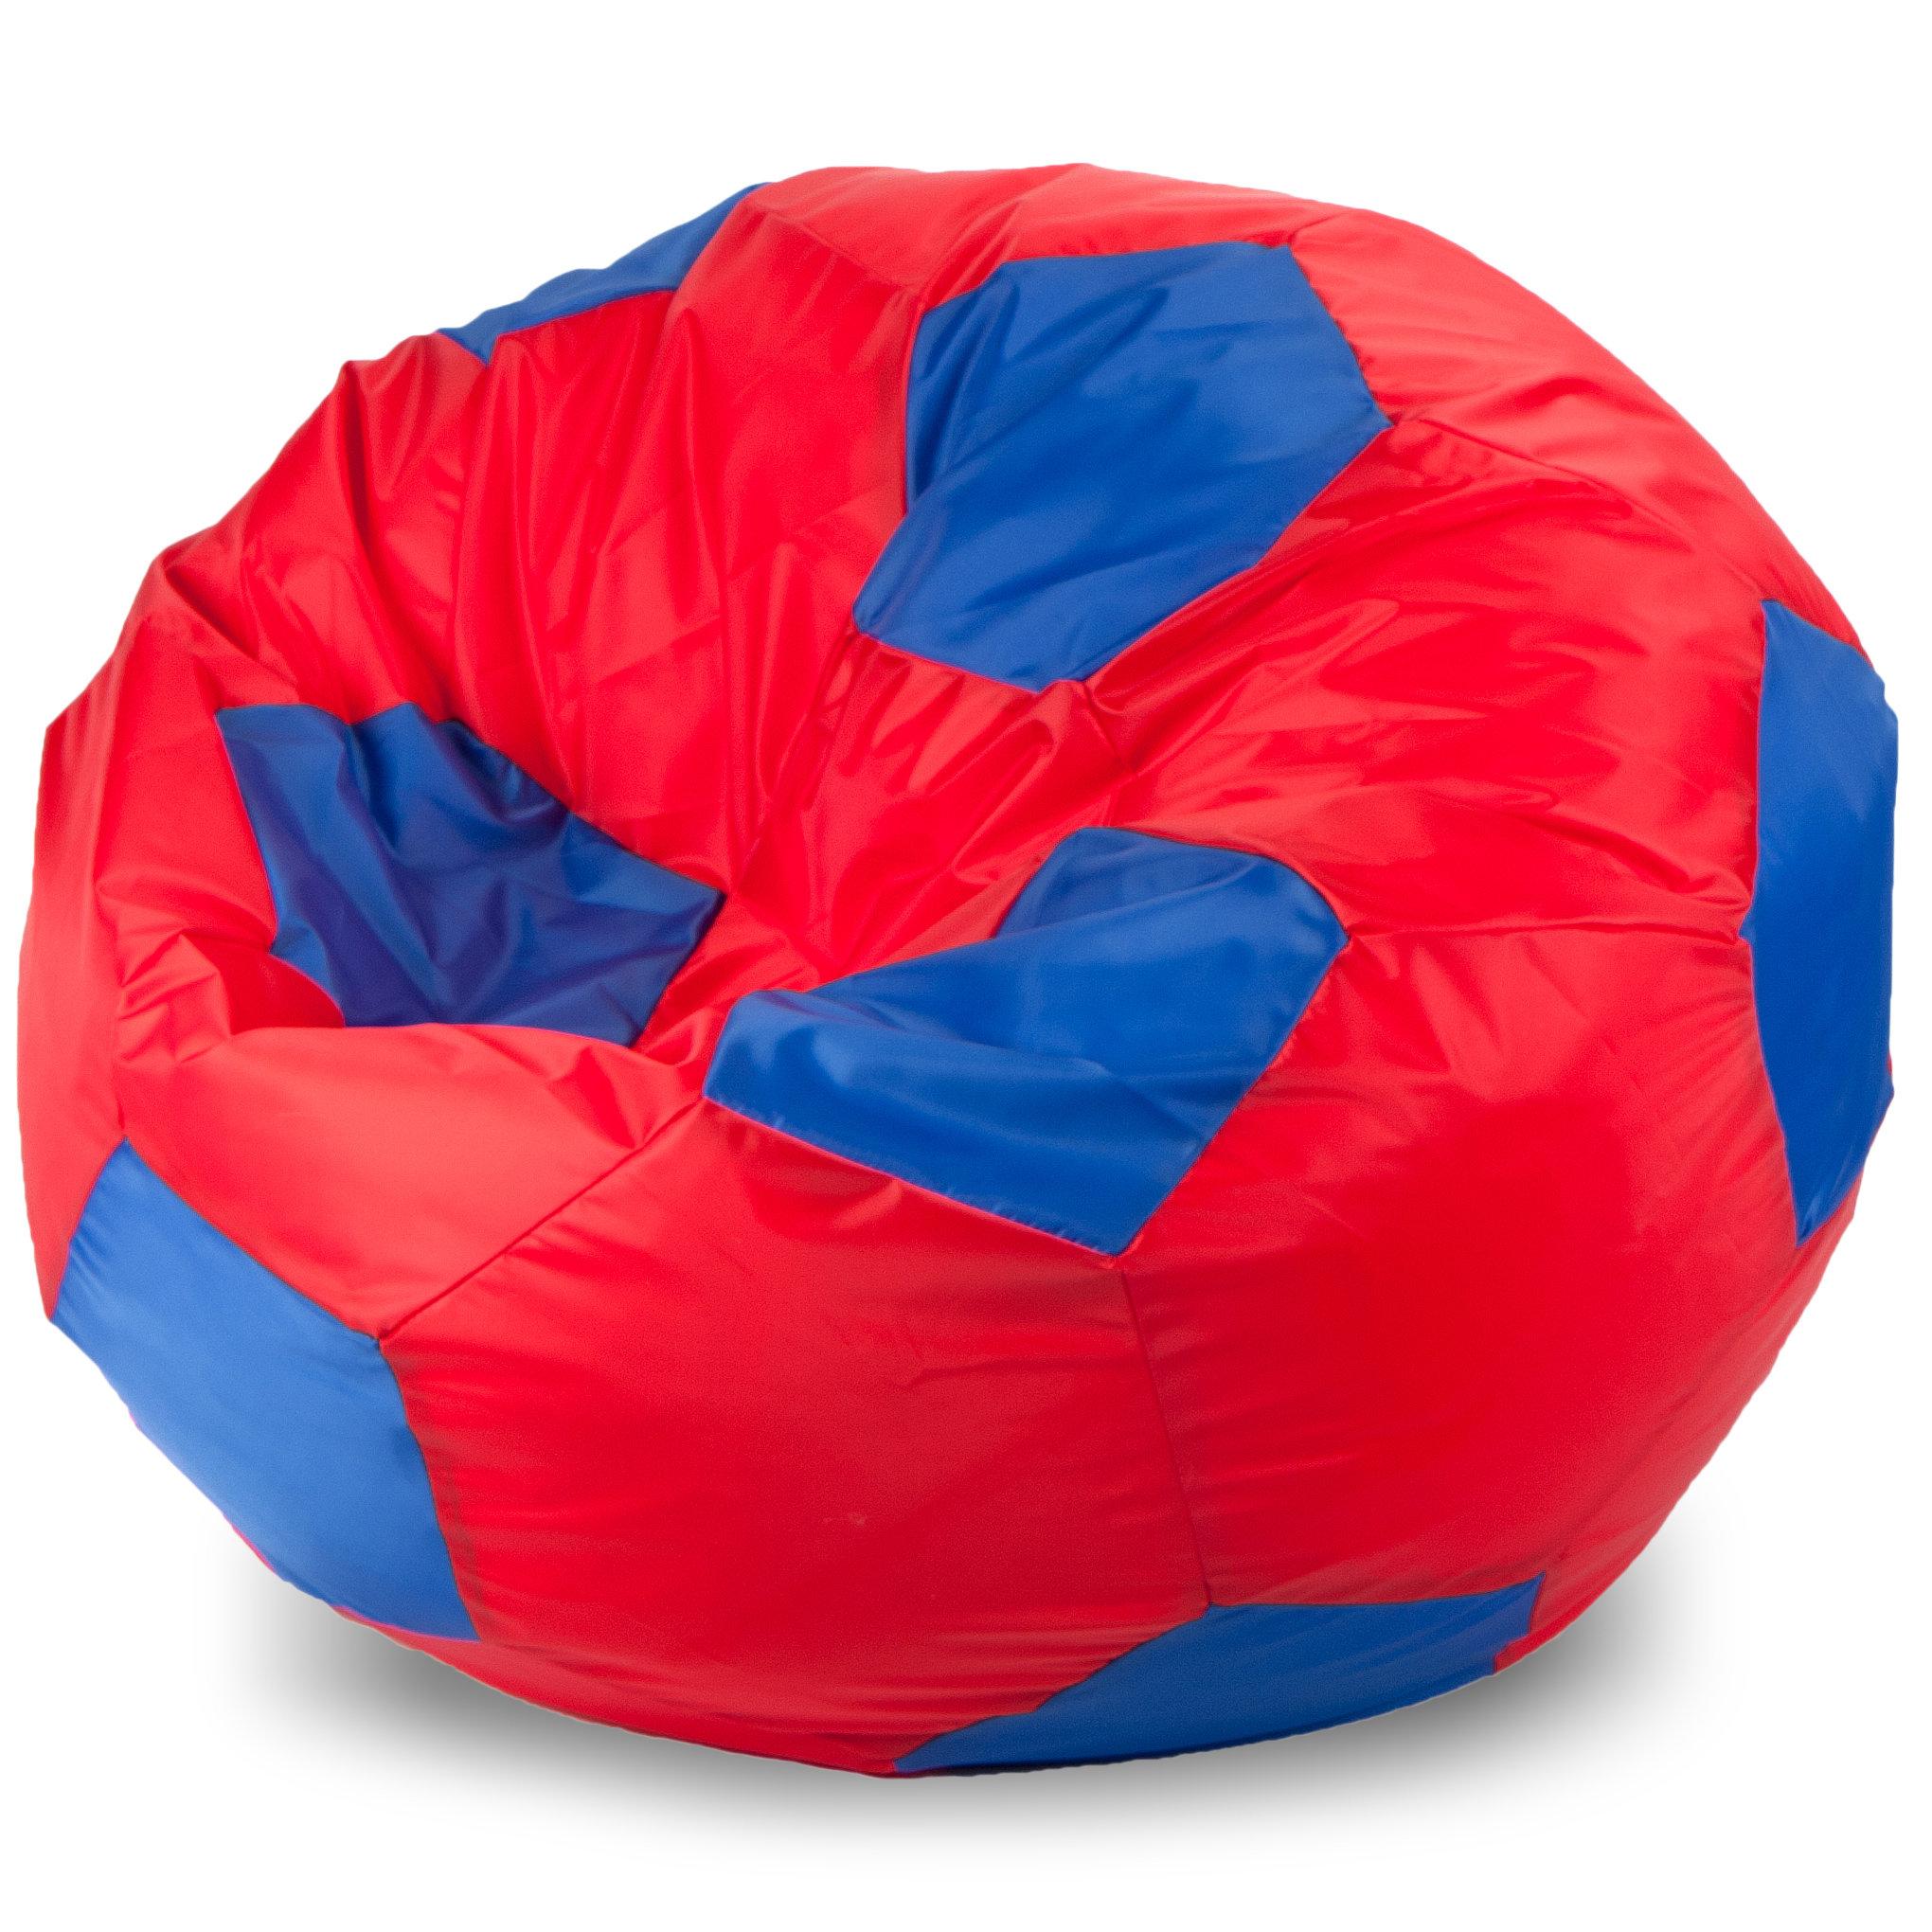 Кресло-мешок мяч XL, Оксфорд Красный и синий